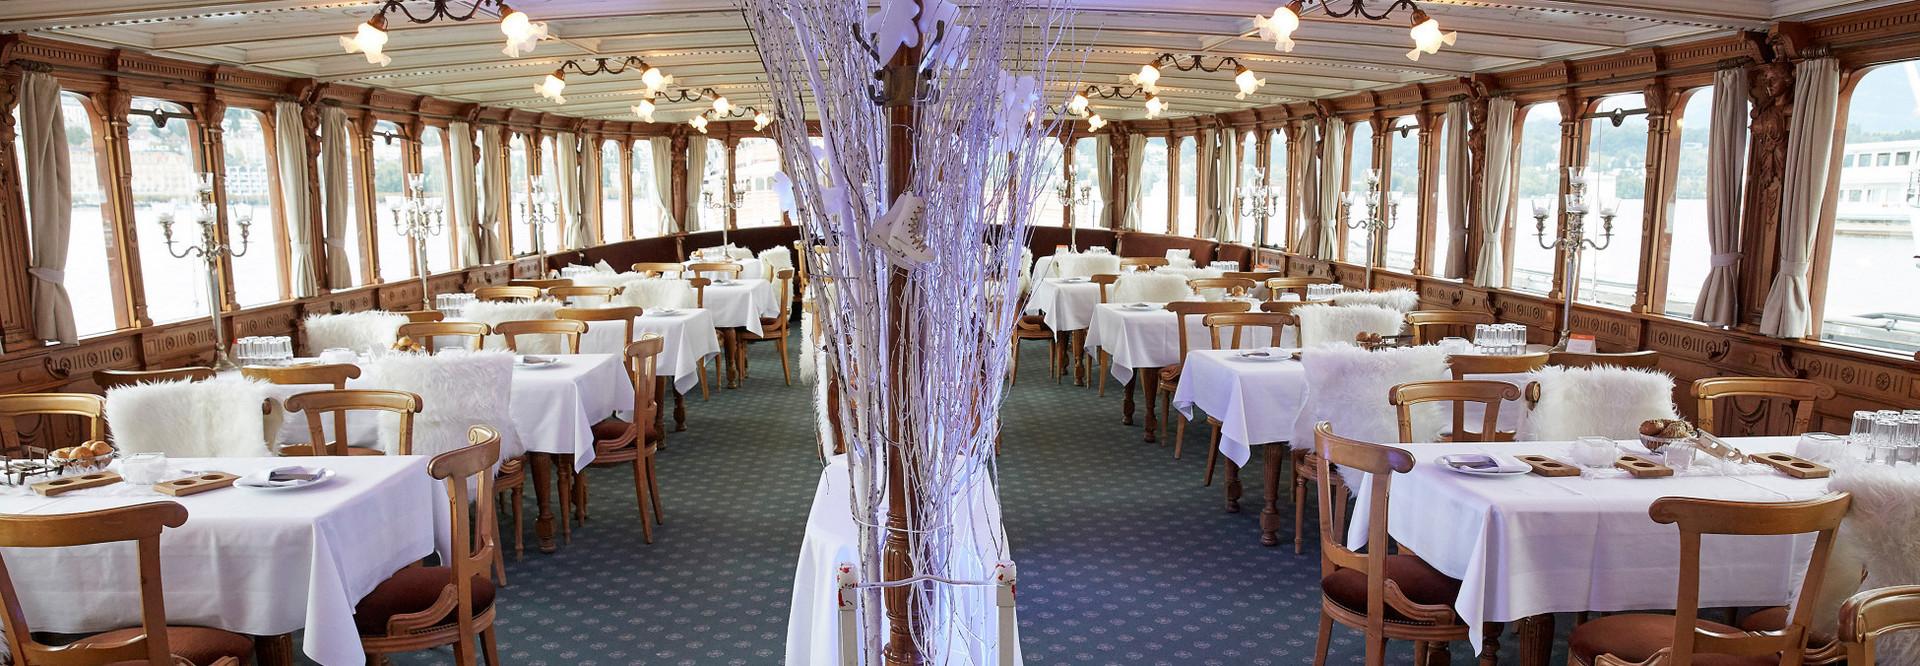 Auf dem wunderbar winterlich dekorierten Dampfschiff Uri erlebt man wunderbare Adventsstunden.